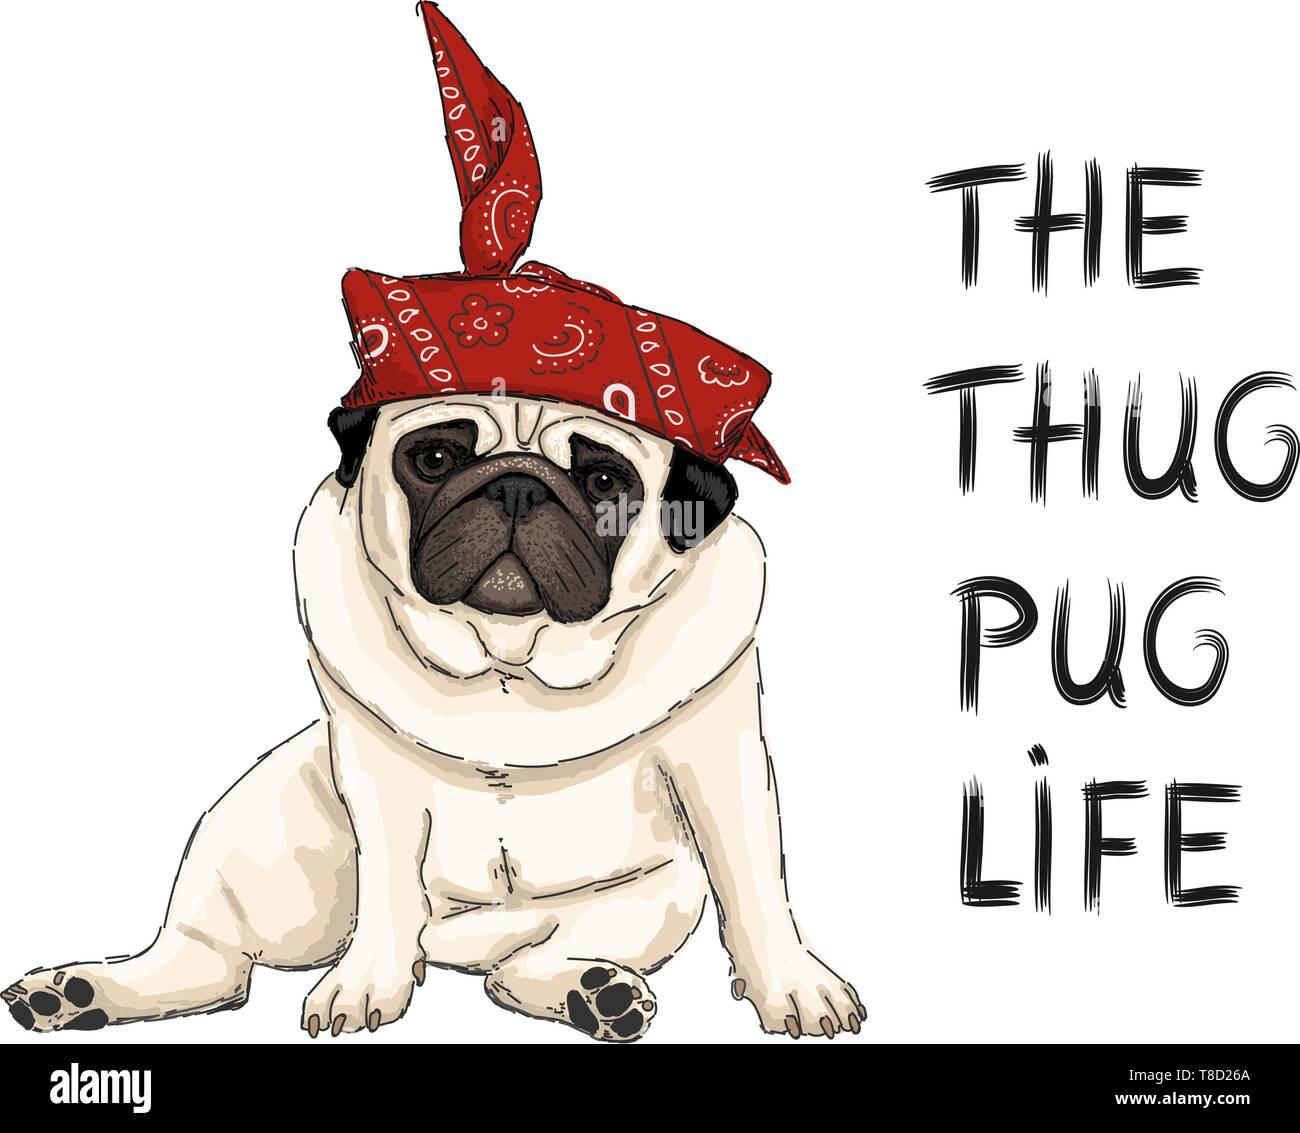 Disegnata a mano illustrazione vettoriale di thug pug cucciolo di cane, sedendosi con red western sciarpa bandana e testo Immagini Stock